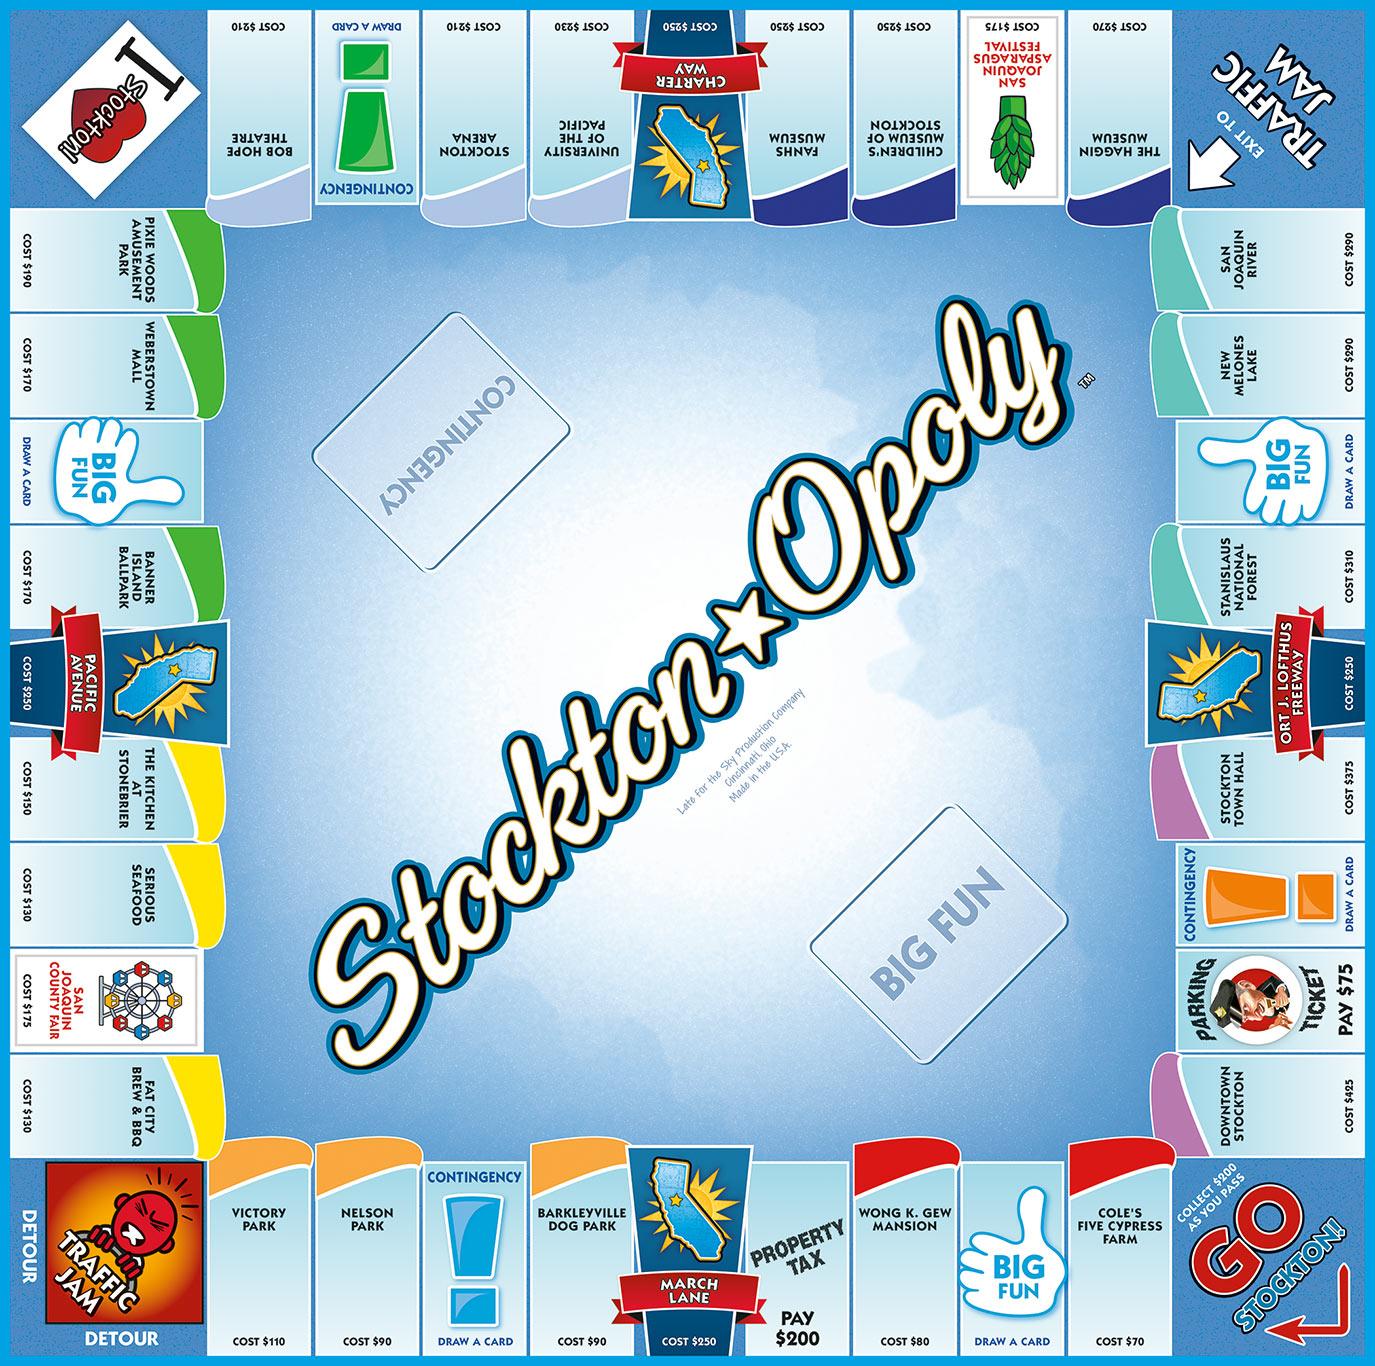 STOCKTON-OPOLY Board Game